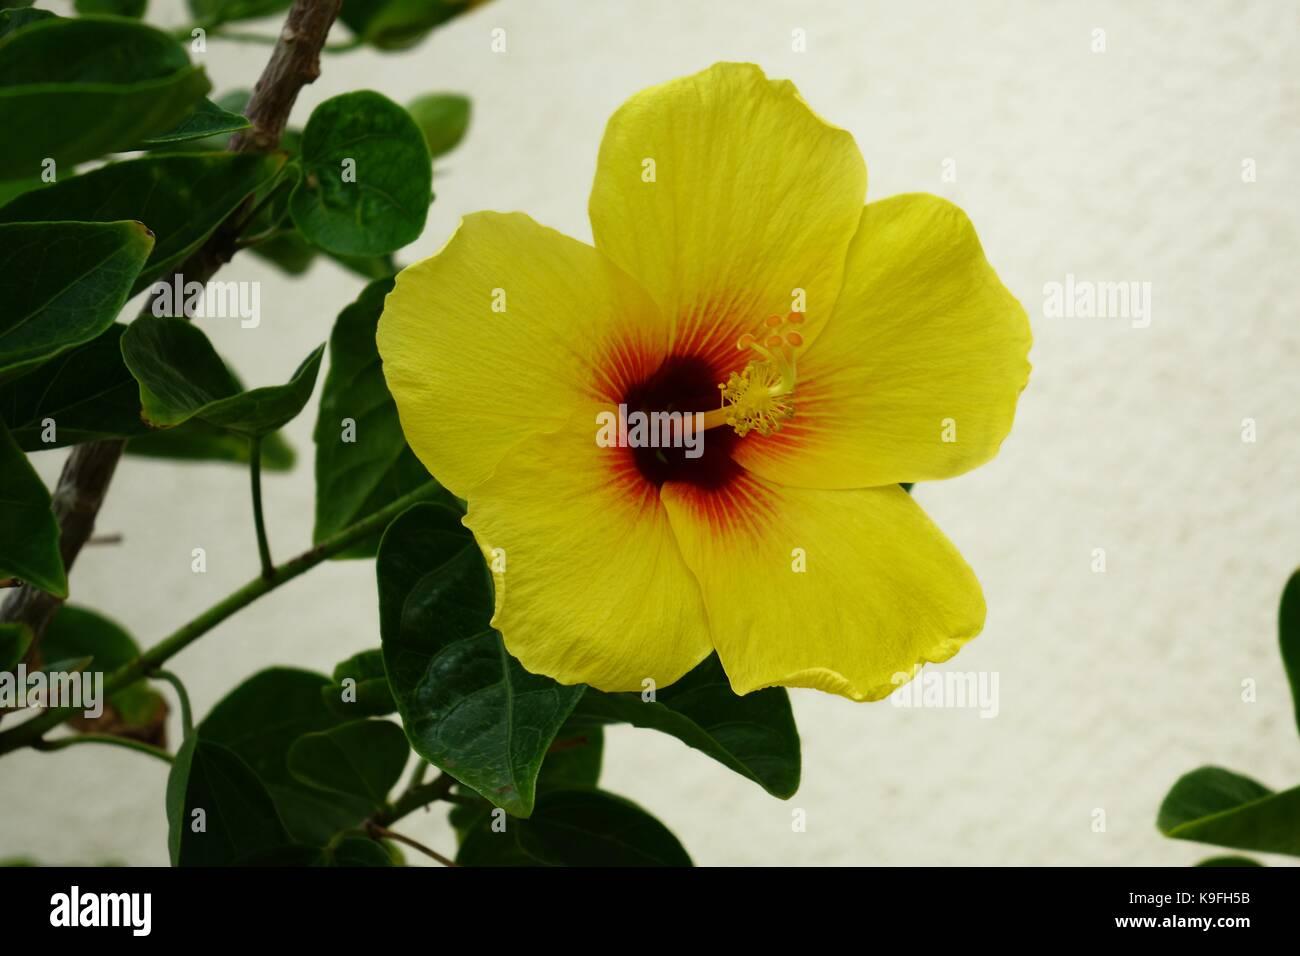 Hawaii state flower stock photos hawaii state flower stock images yellow hibiscus hawaii state flower pua aloalo mao hau hele izmirmasajfo